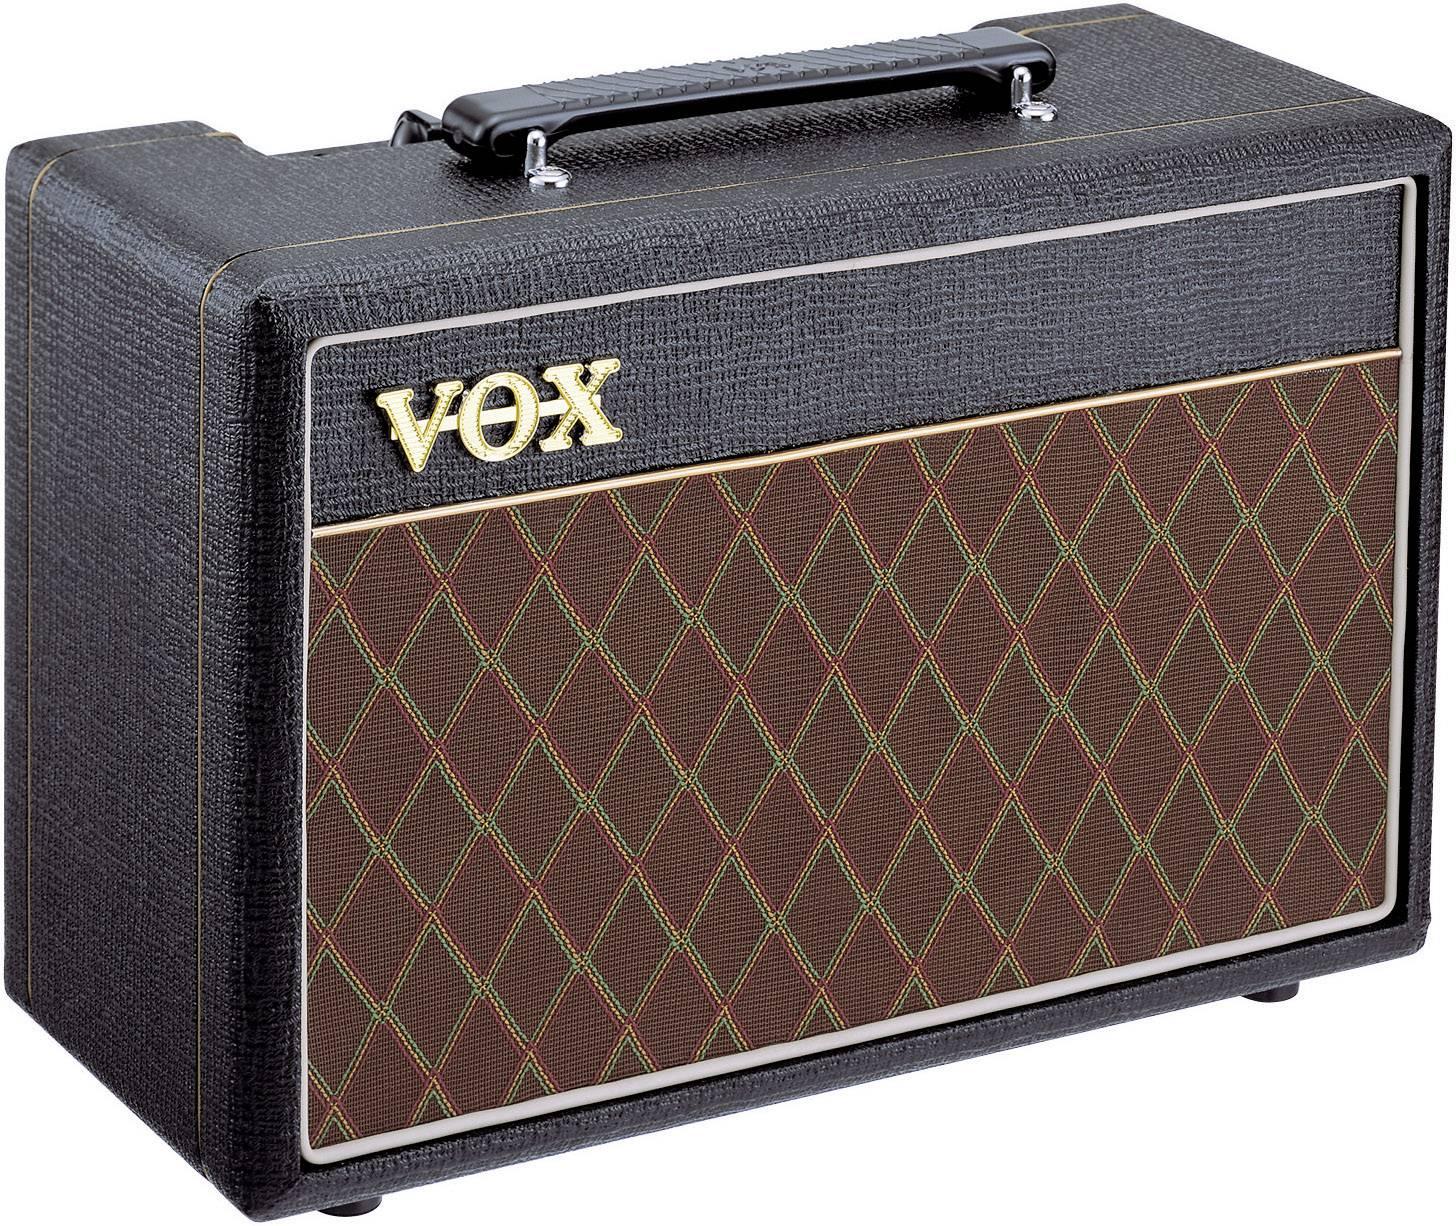 Kytarové kombo Vox Pathfinder 10